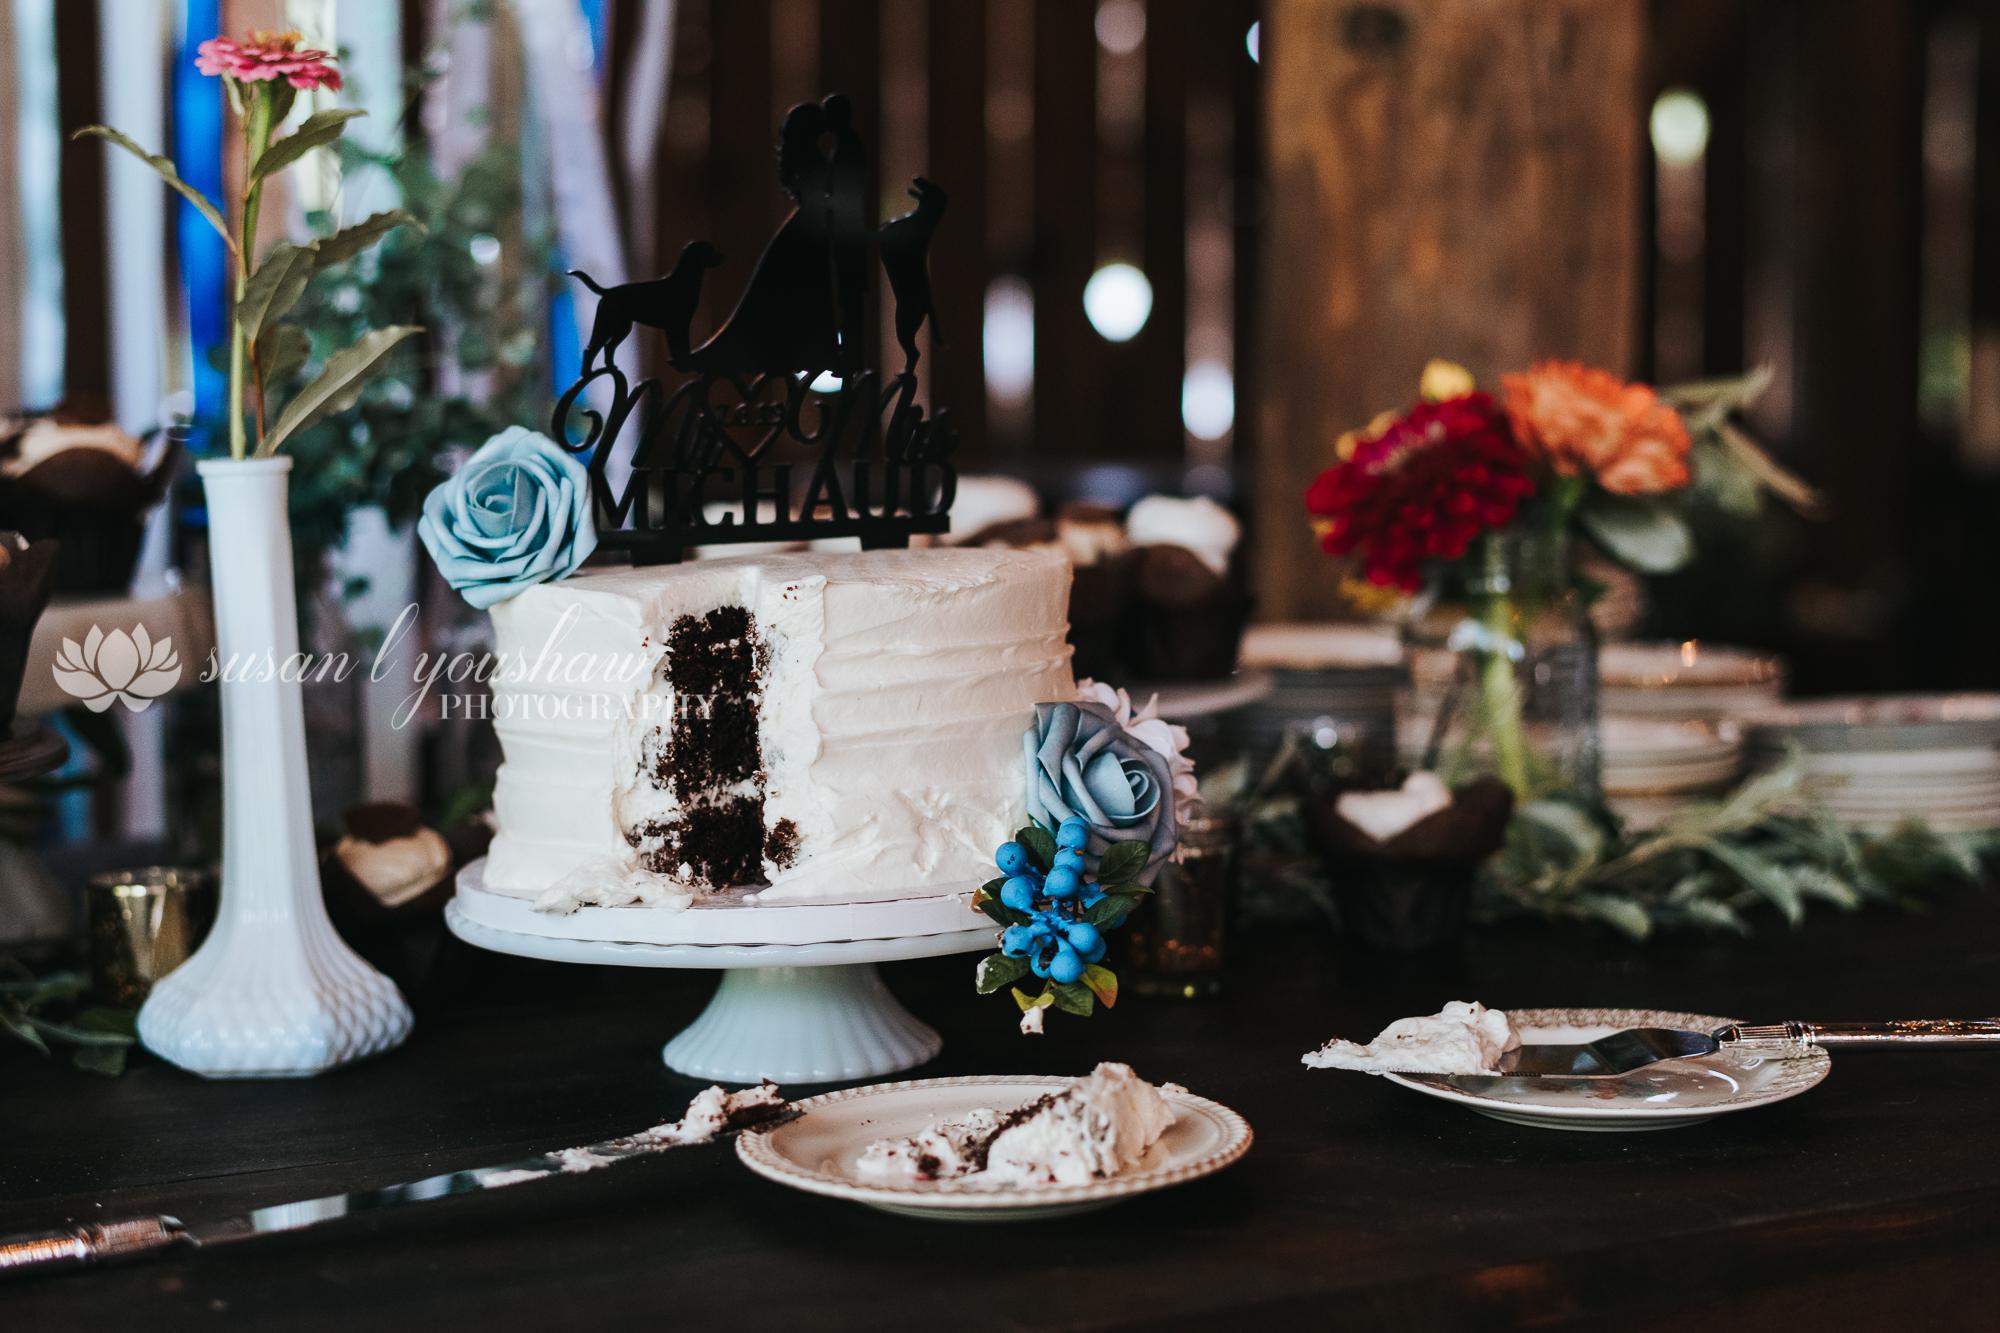 Erin and Jason Wedding Photos 07-06-2019 SLY Photography-148.jpg